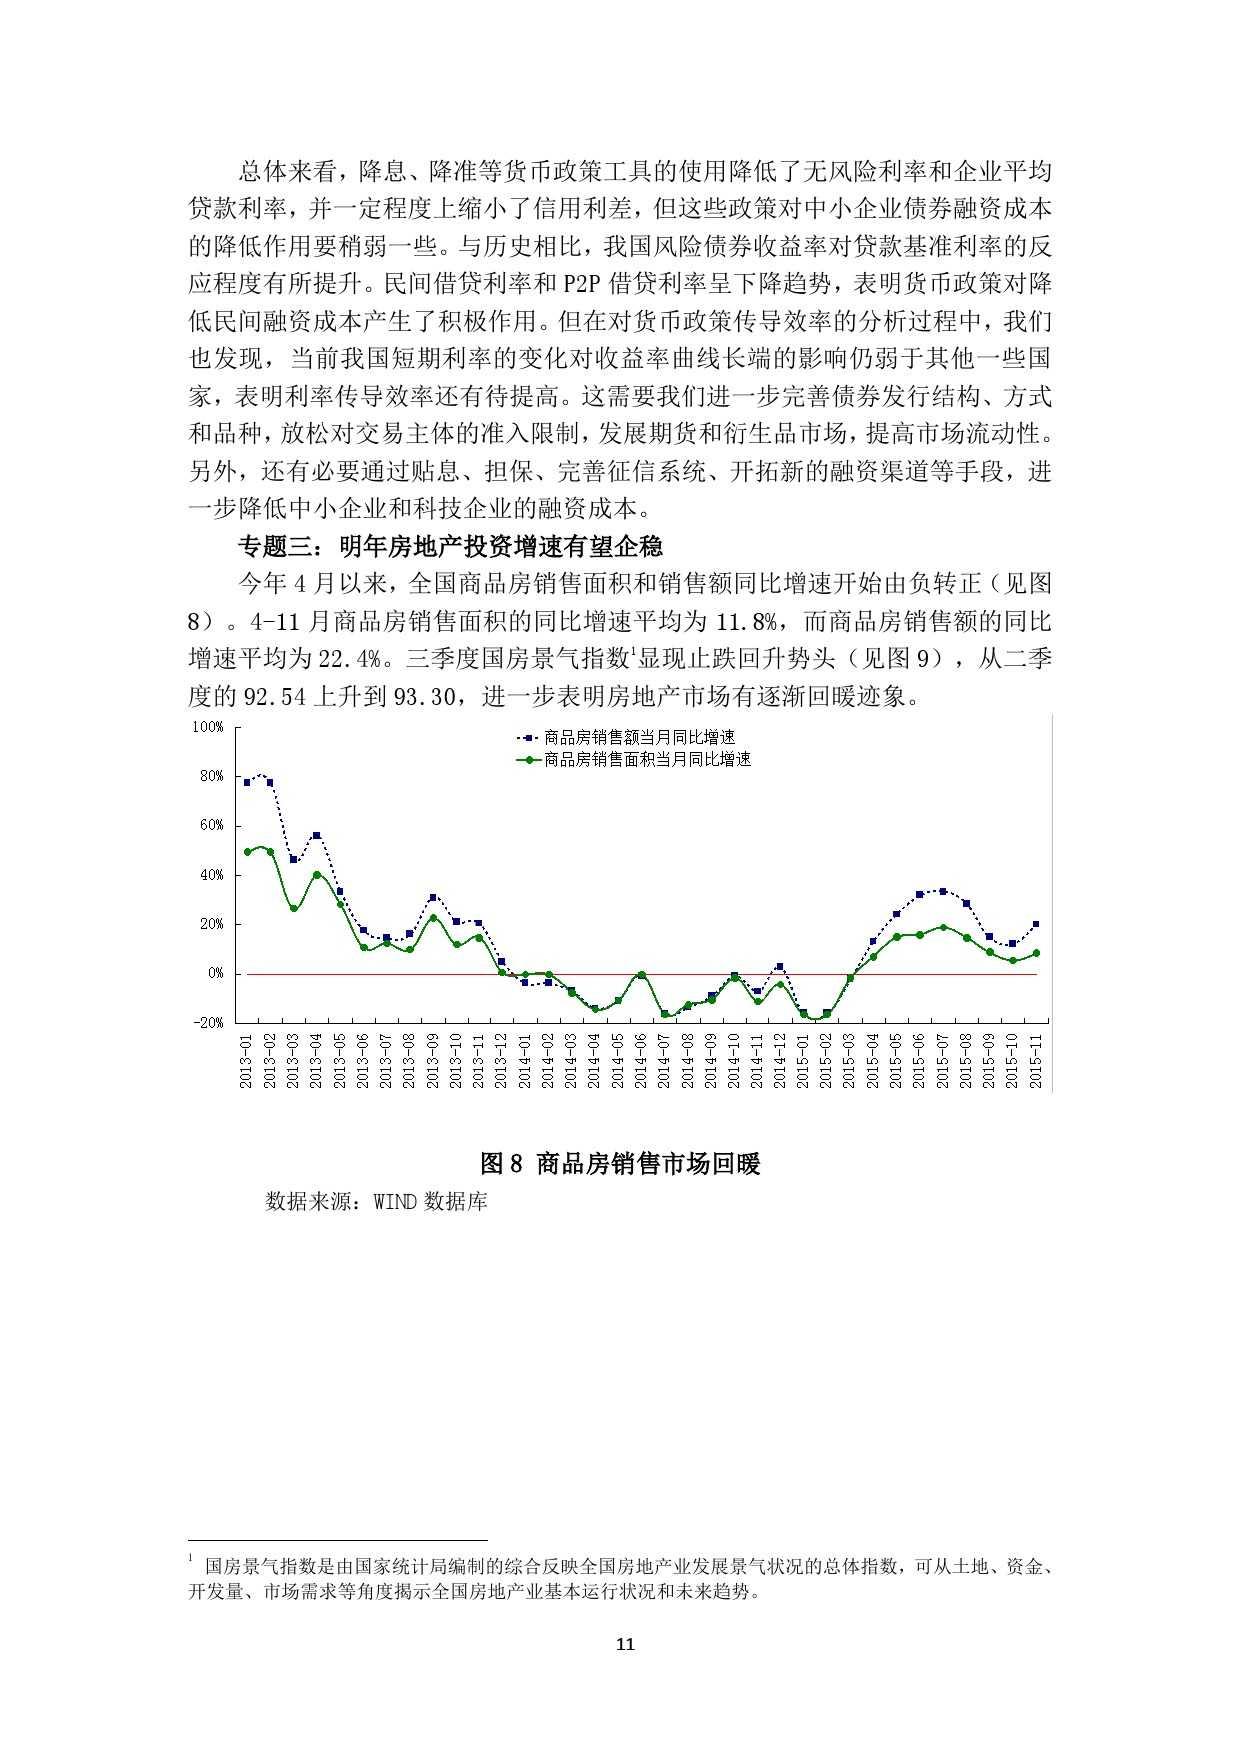 中国人民银行:2016 年中国宏观经济预测_000011